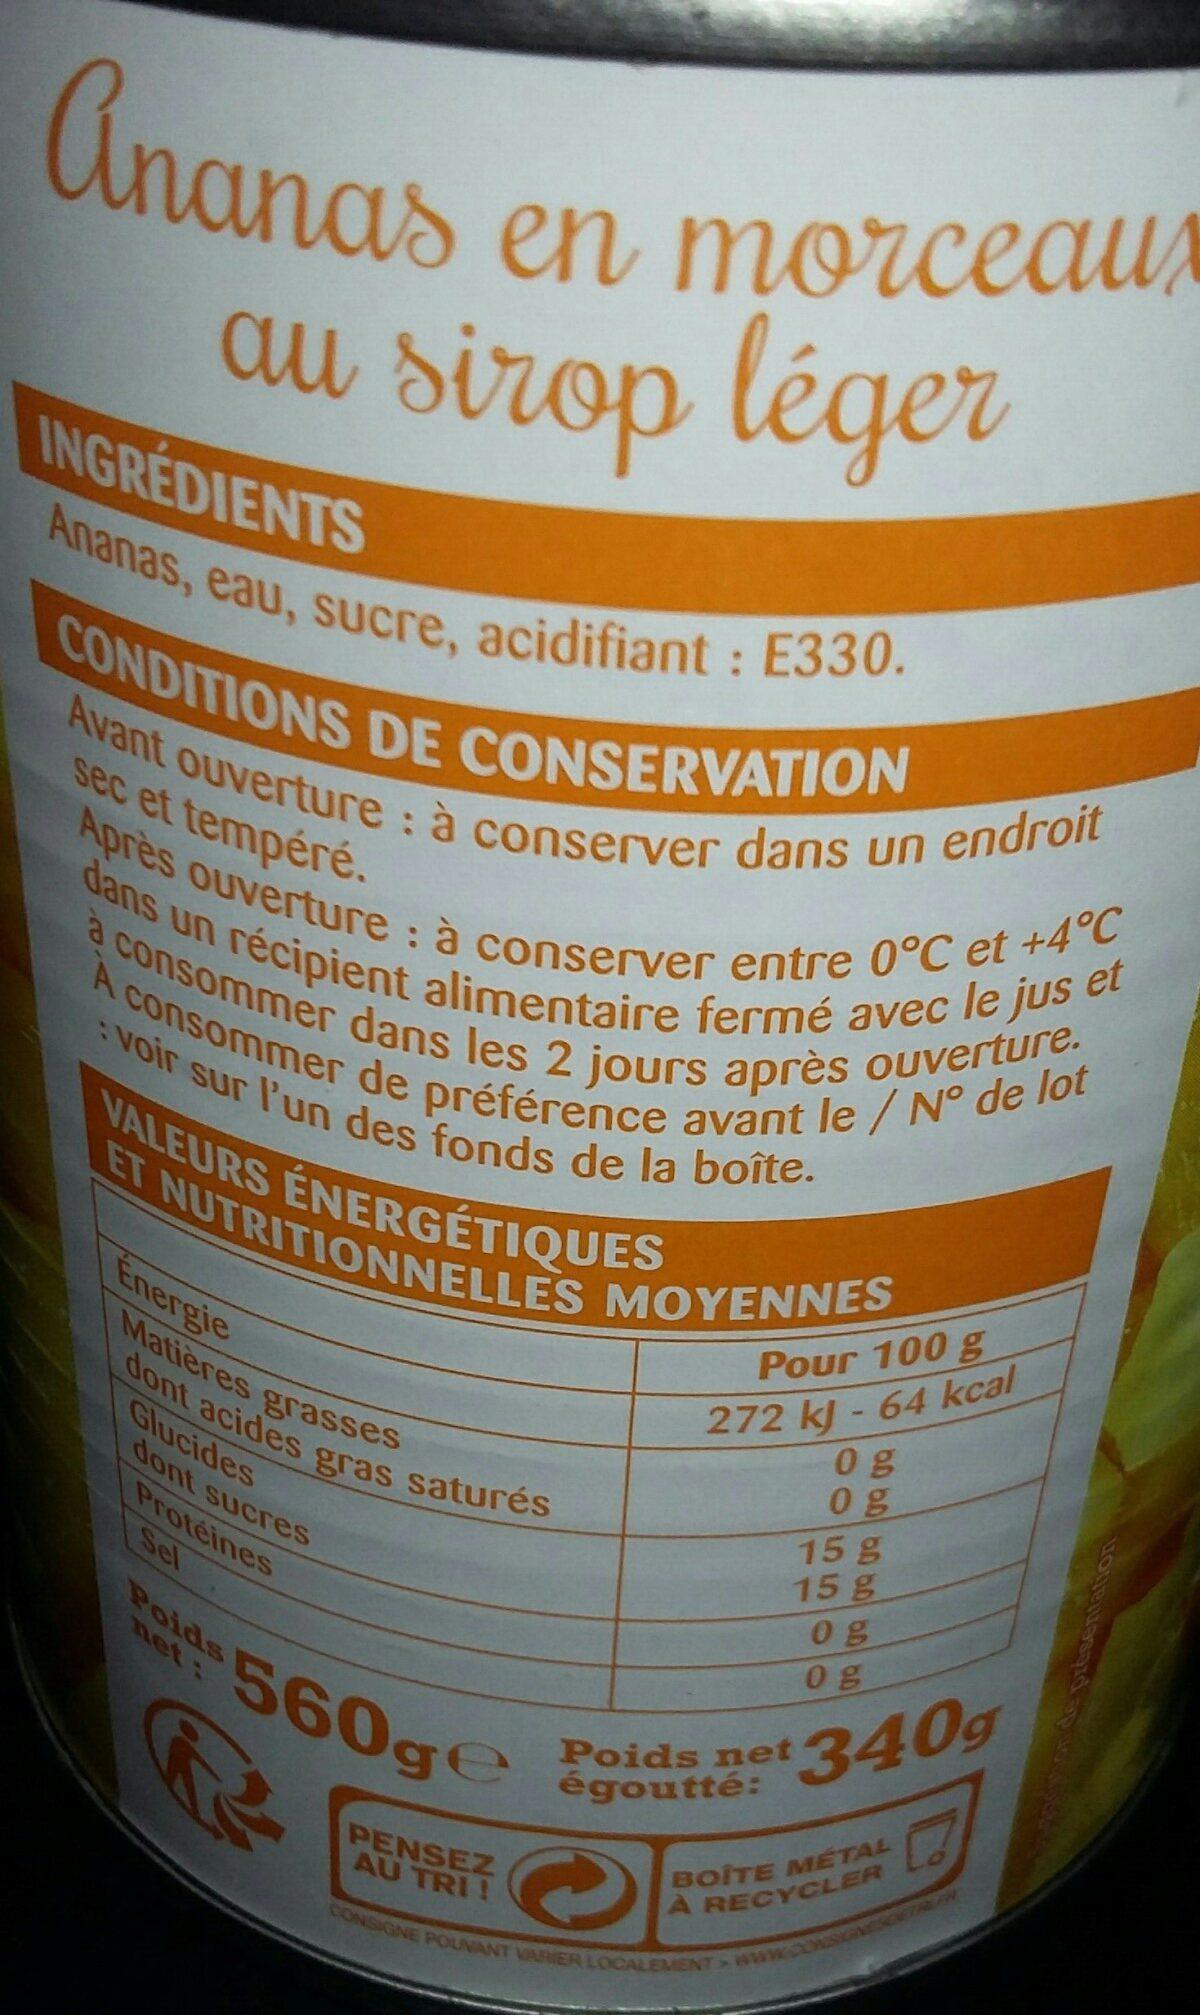 Ananas en morceaux au sirop léger - Ingrédients - fr